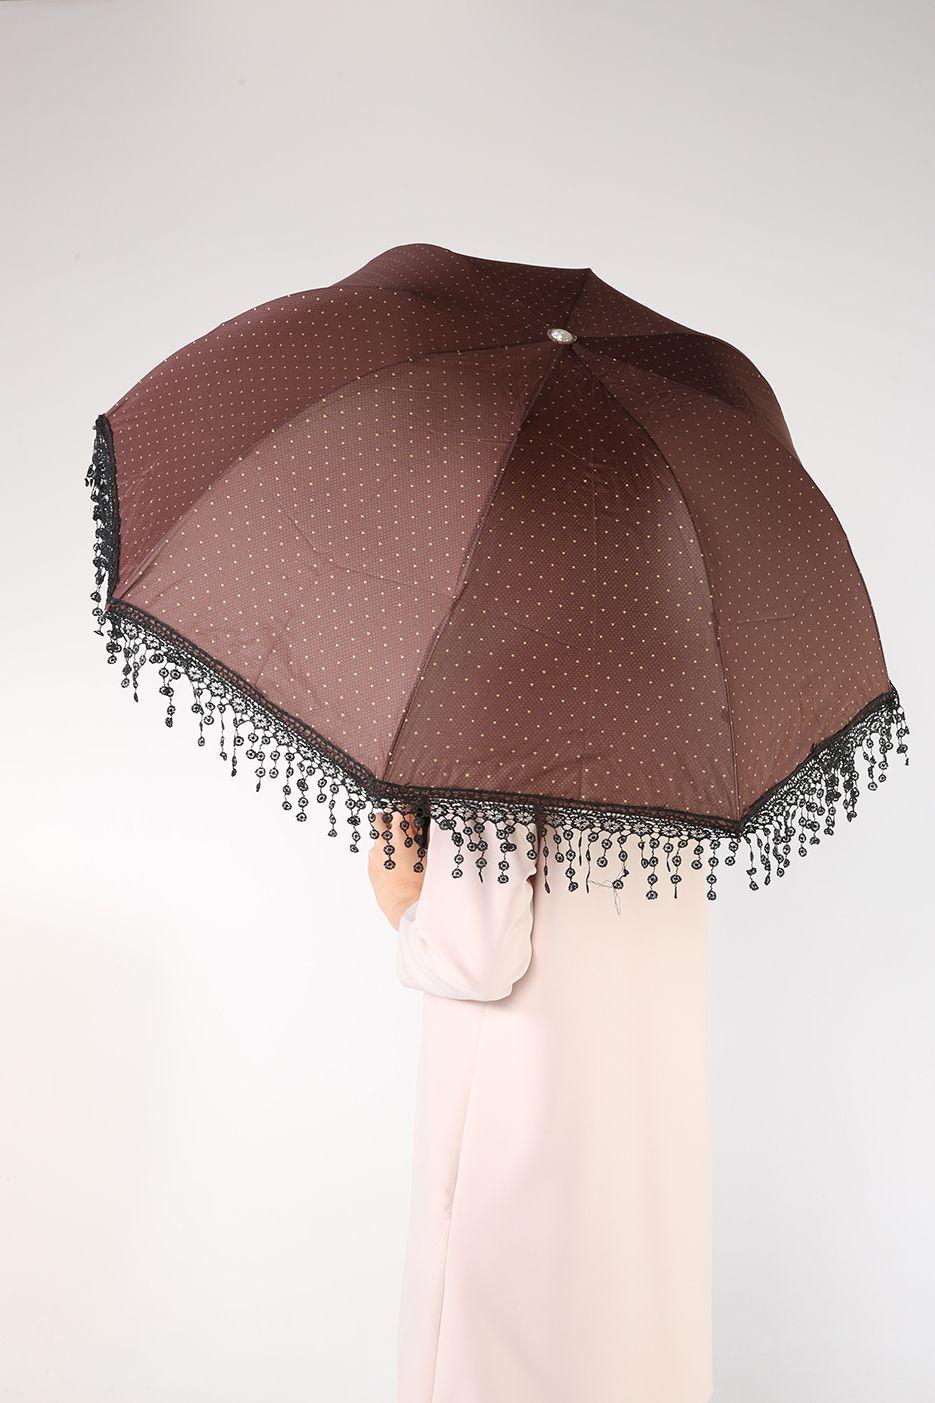 Dantel Püsküllü Şemsiye